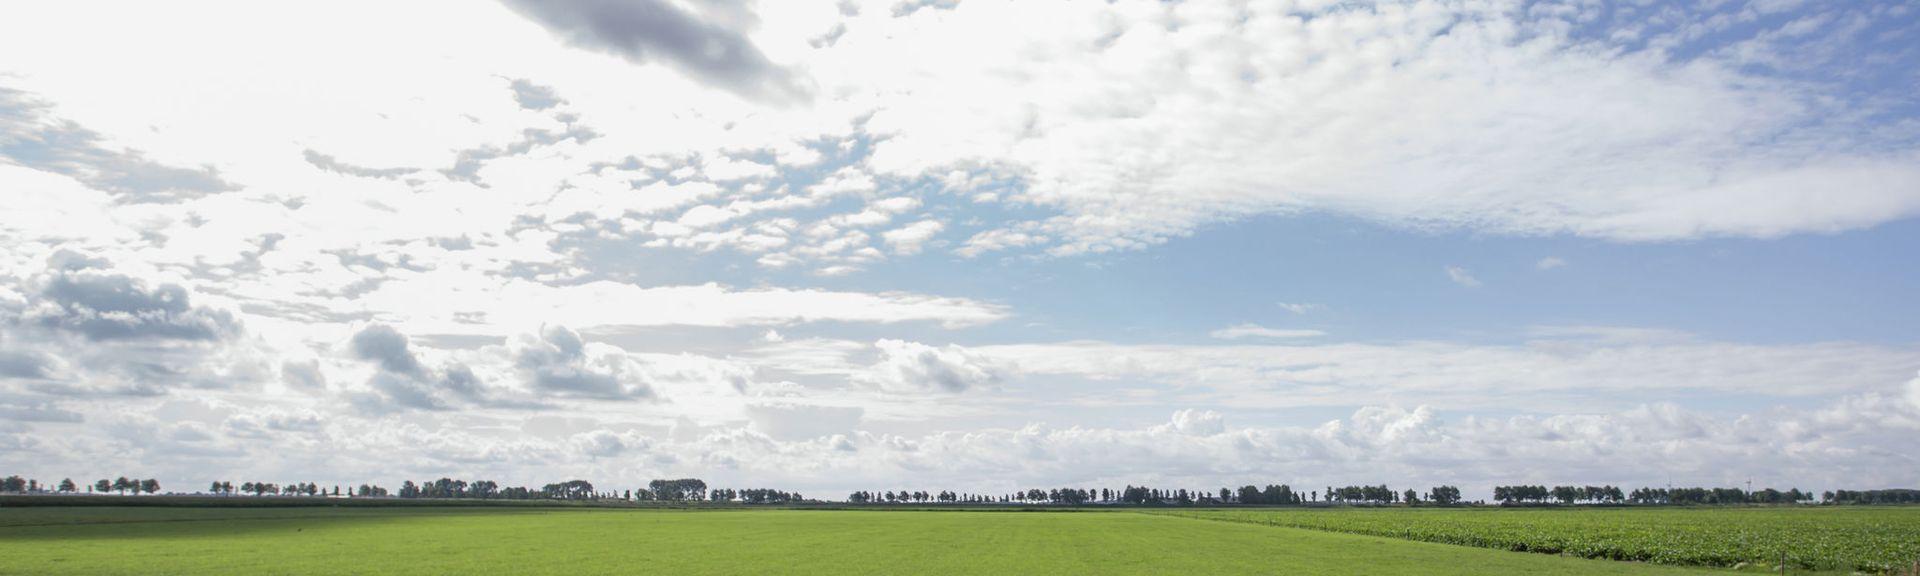 Stellendam, Zuid-Holland, Nederland